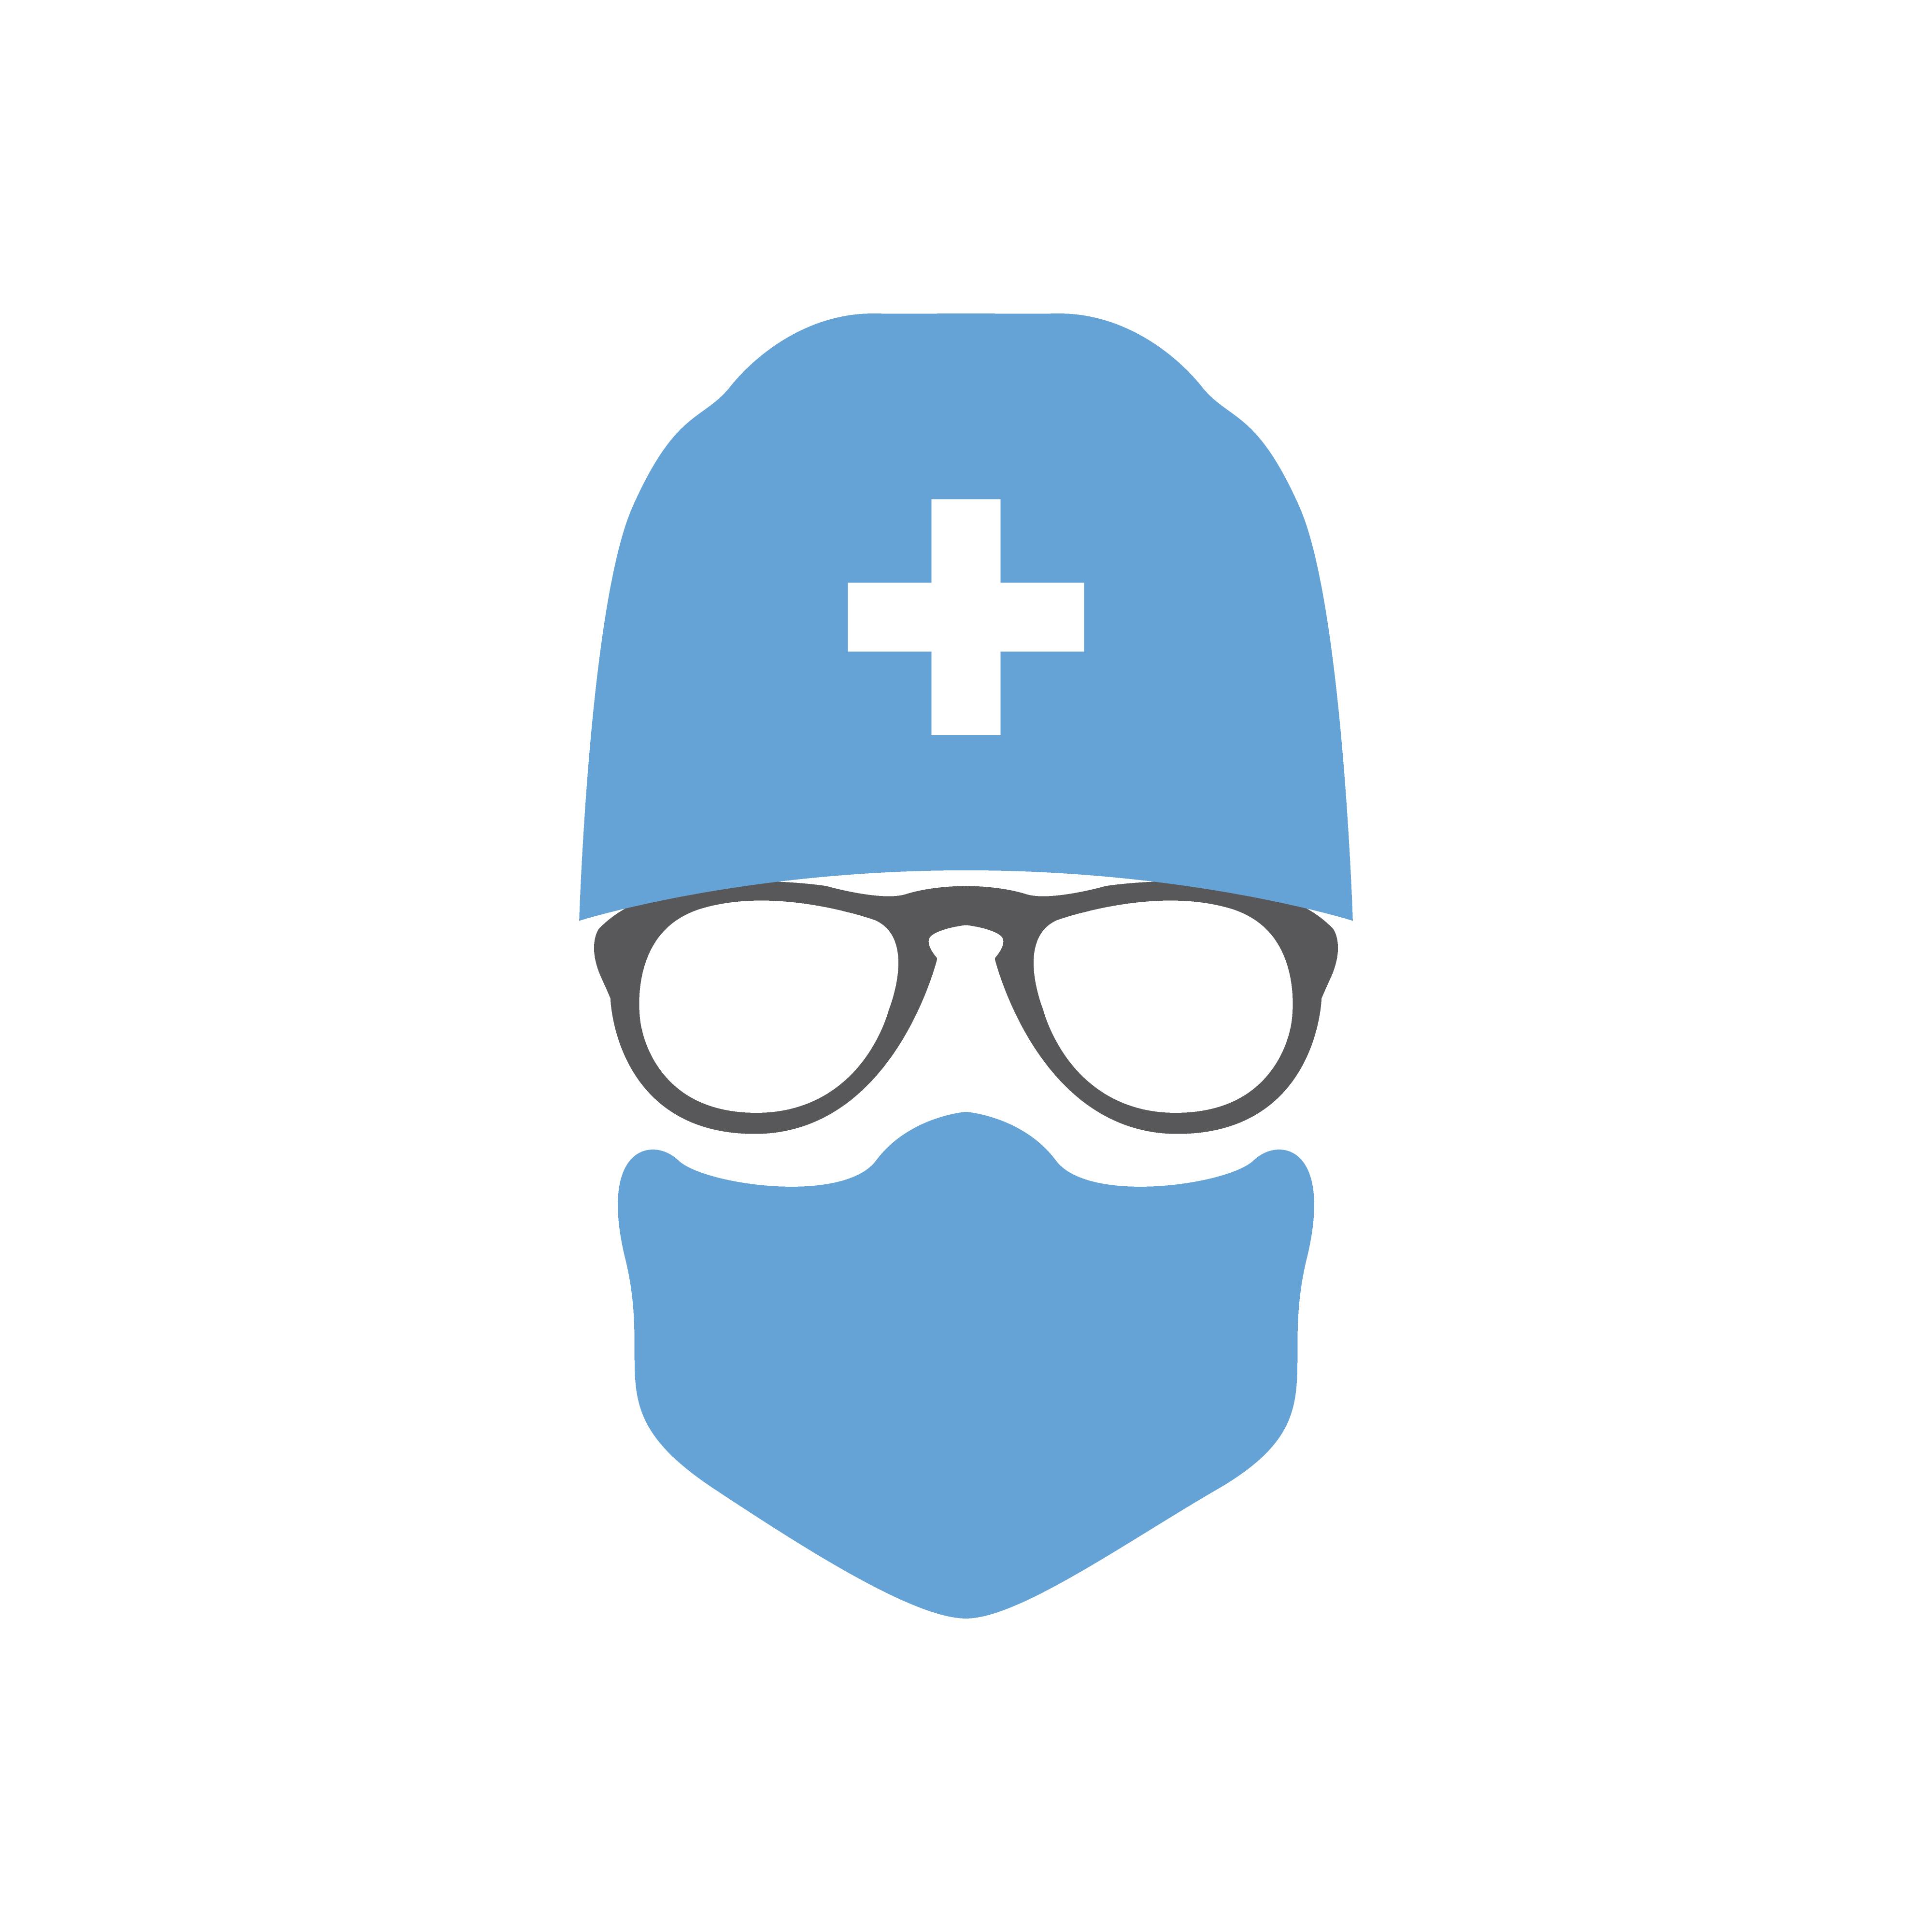 служат картинки с врачами для аватарки них